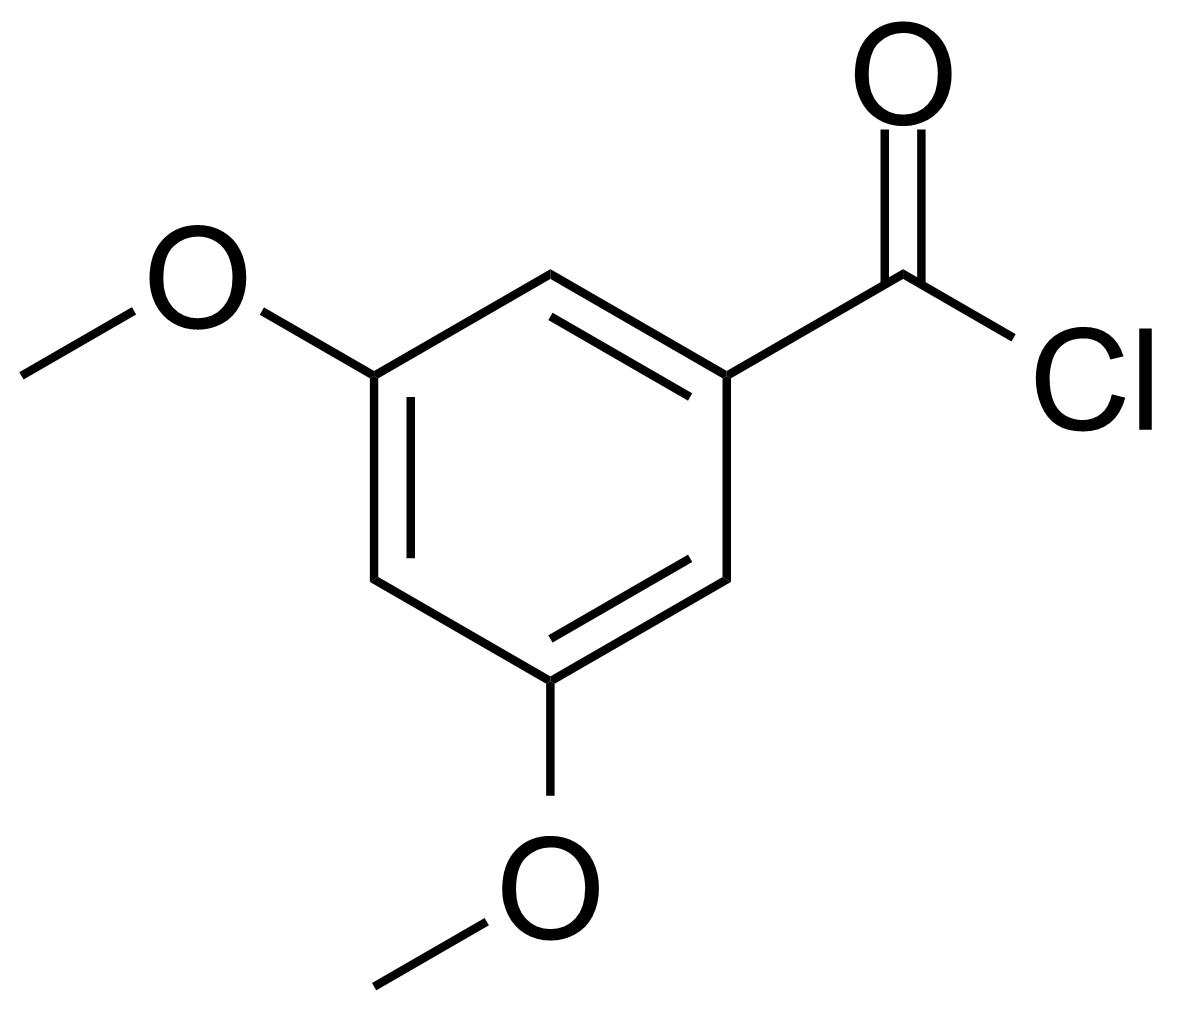 Structure of 3,5-Dimethoxybenzoyl chloride